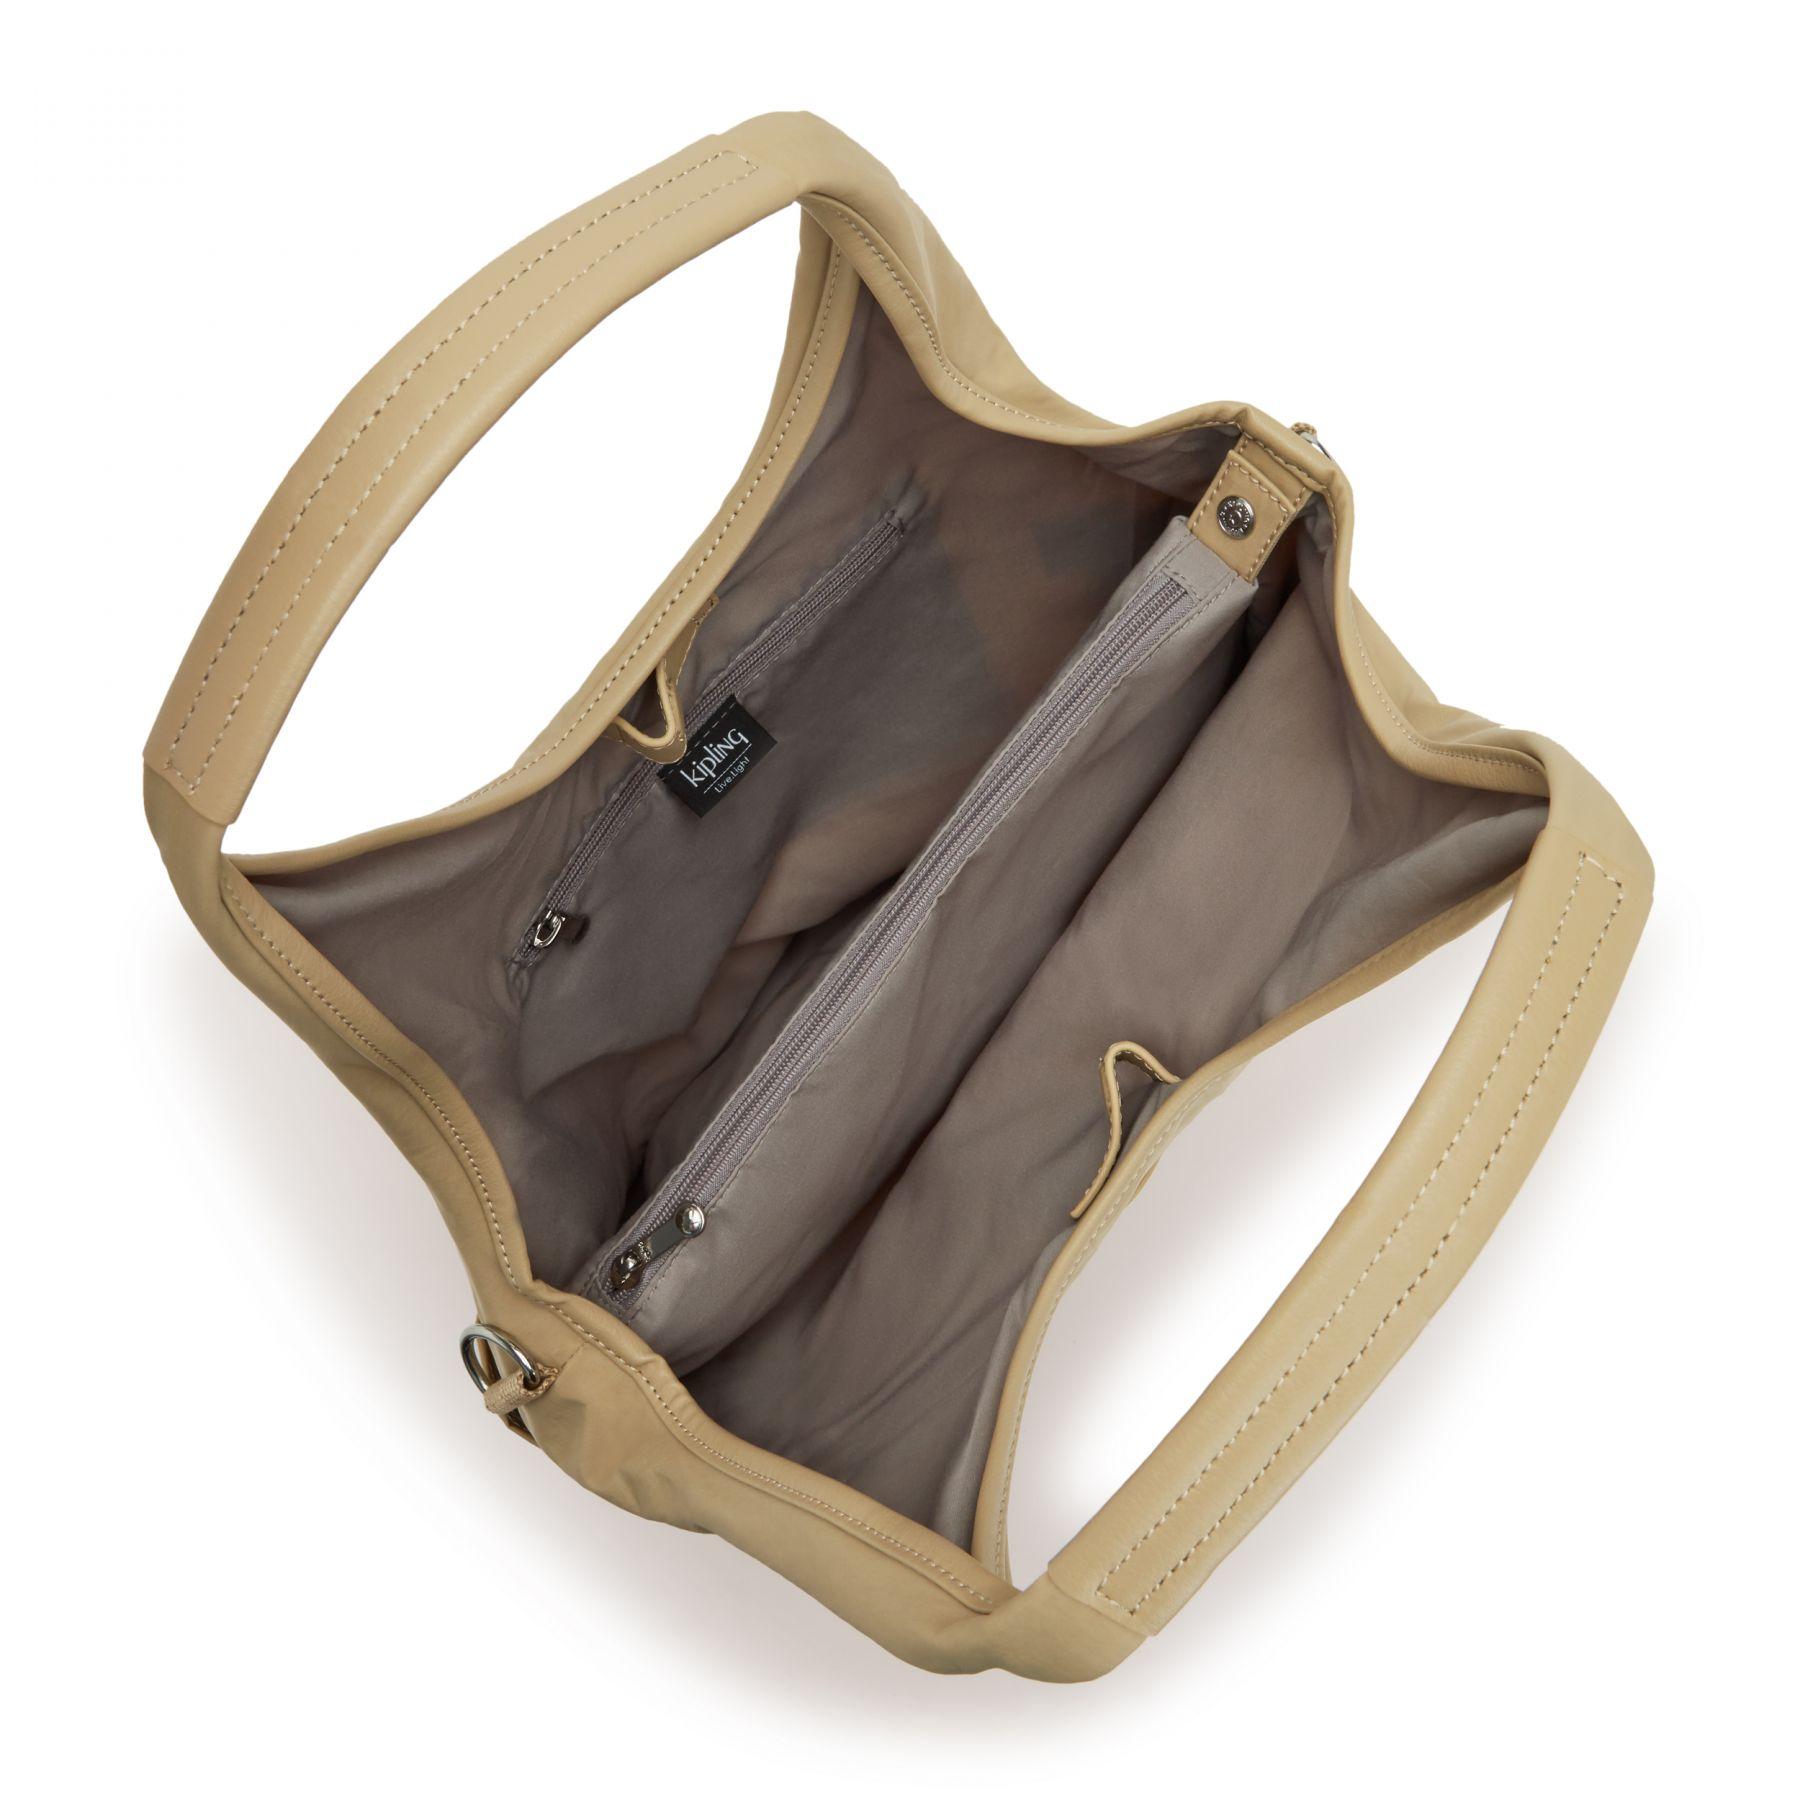 URBANA BAGS by Kipling - Inside view